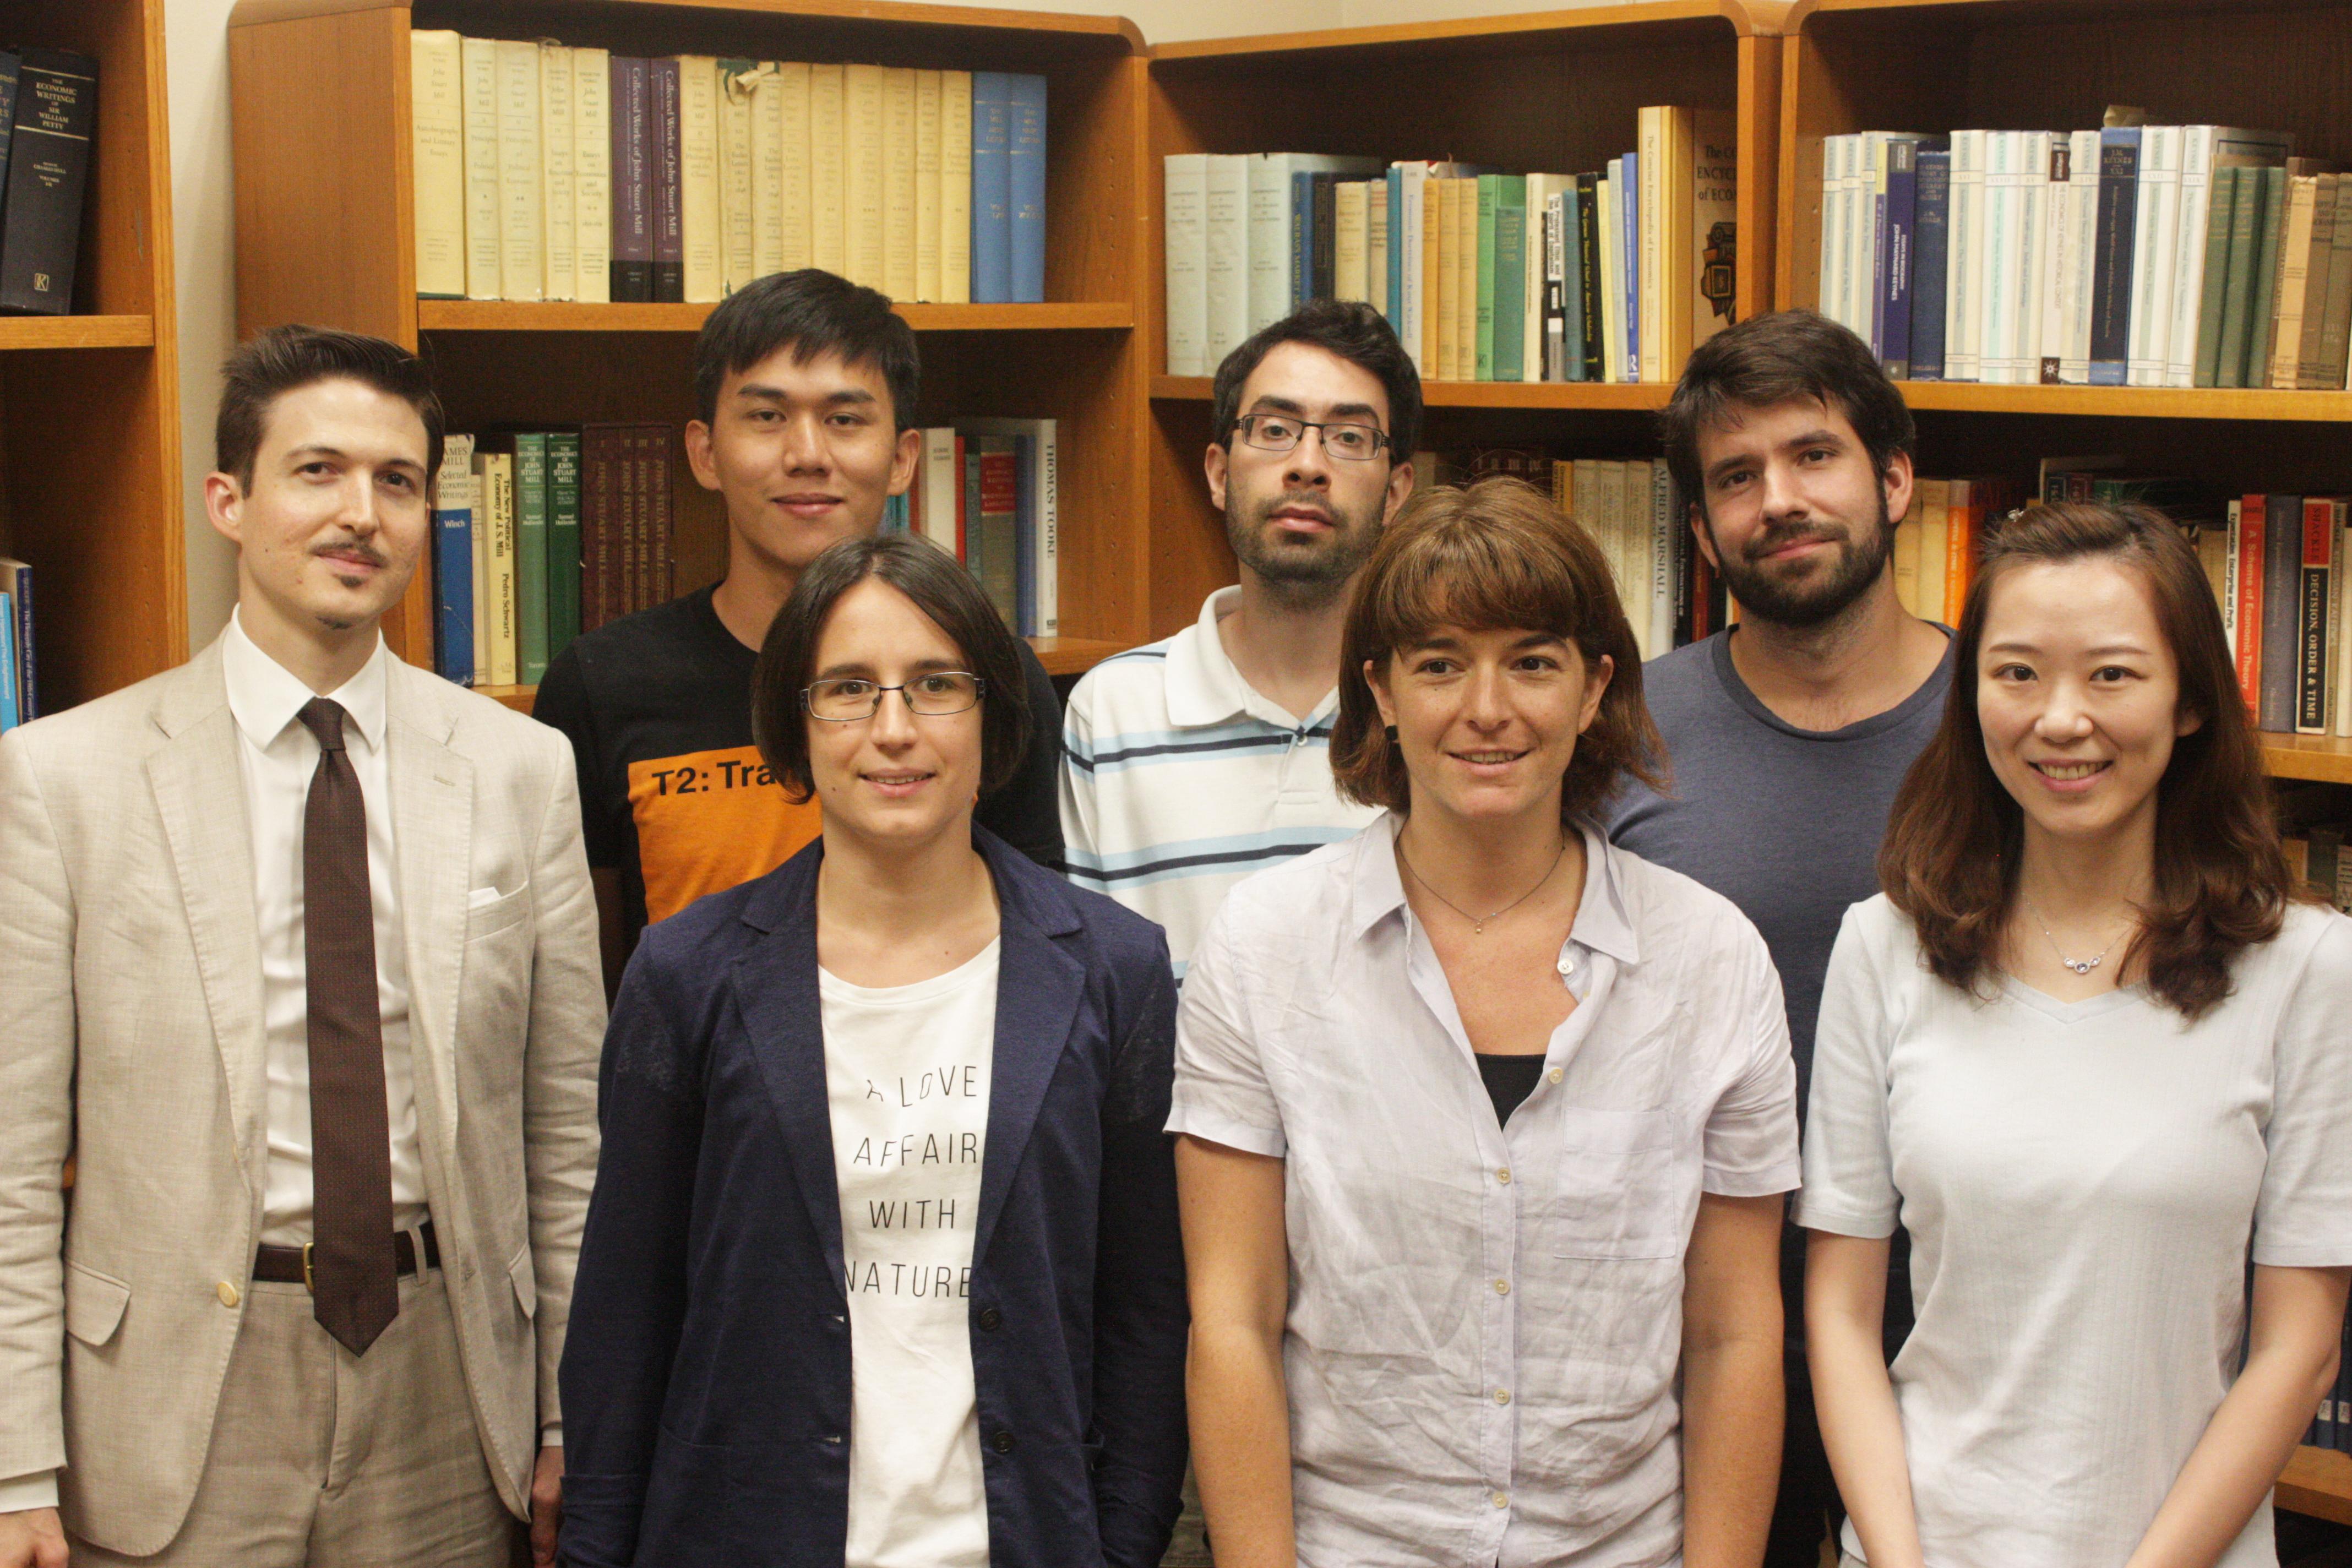 6 Scholars In Front Of A Bookshelf